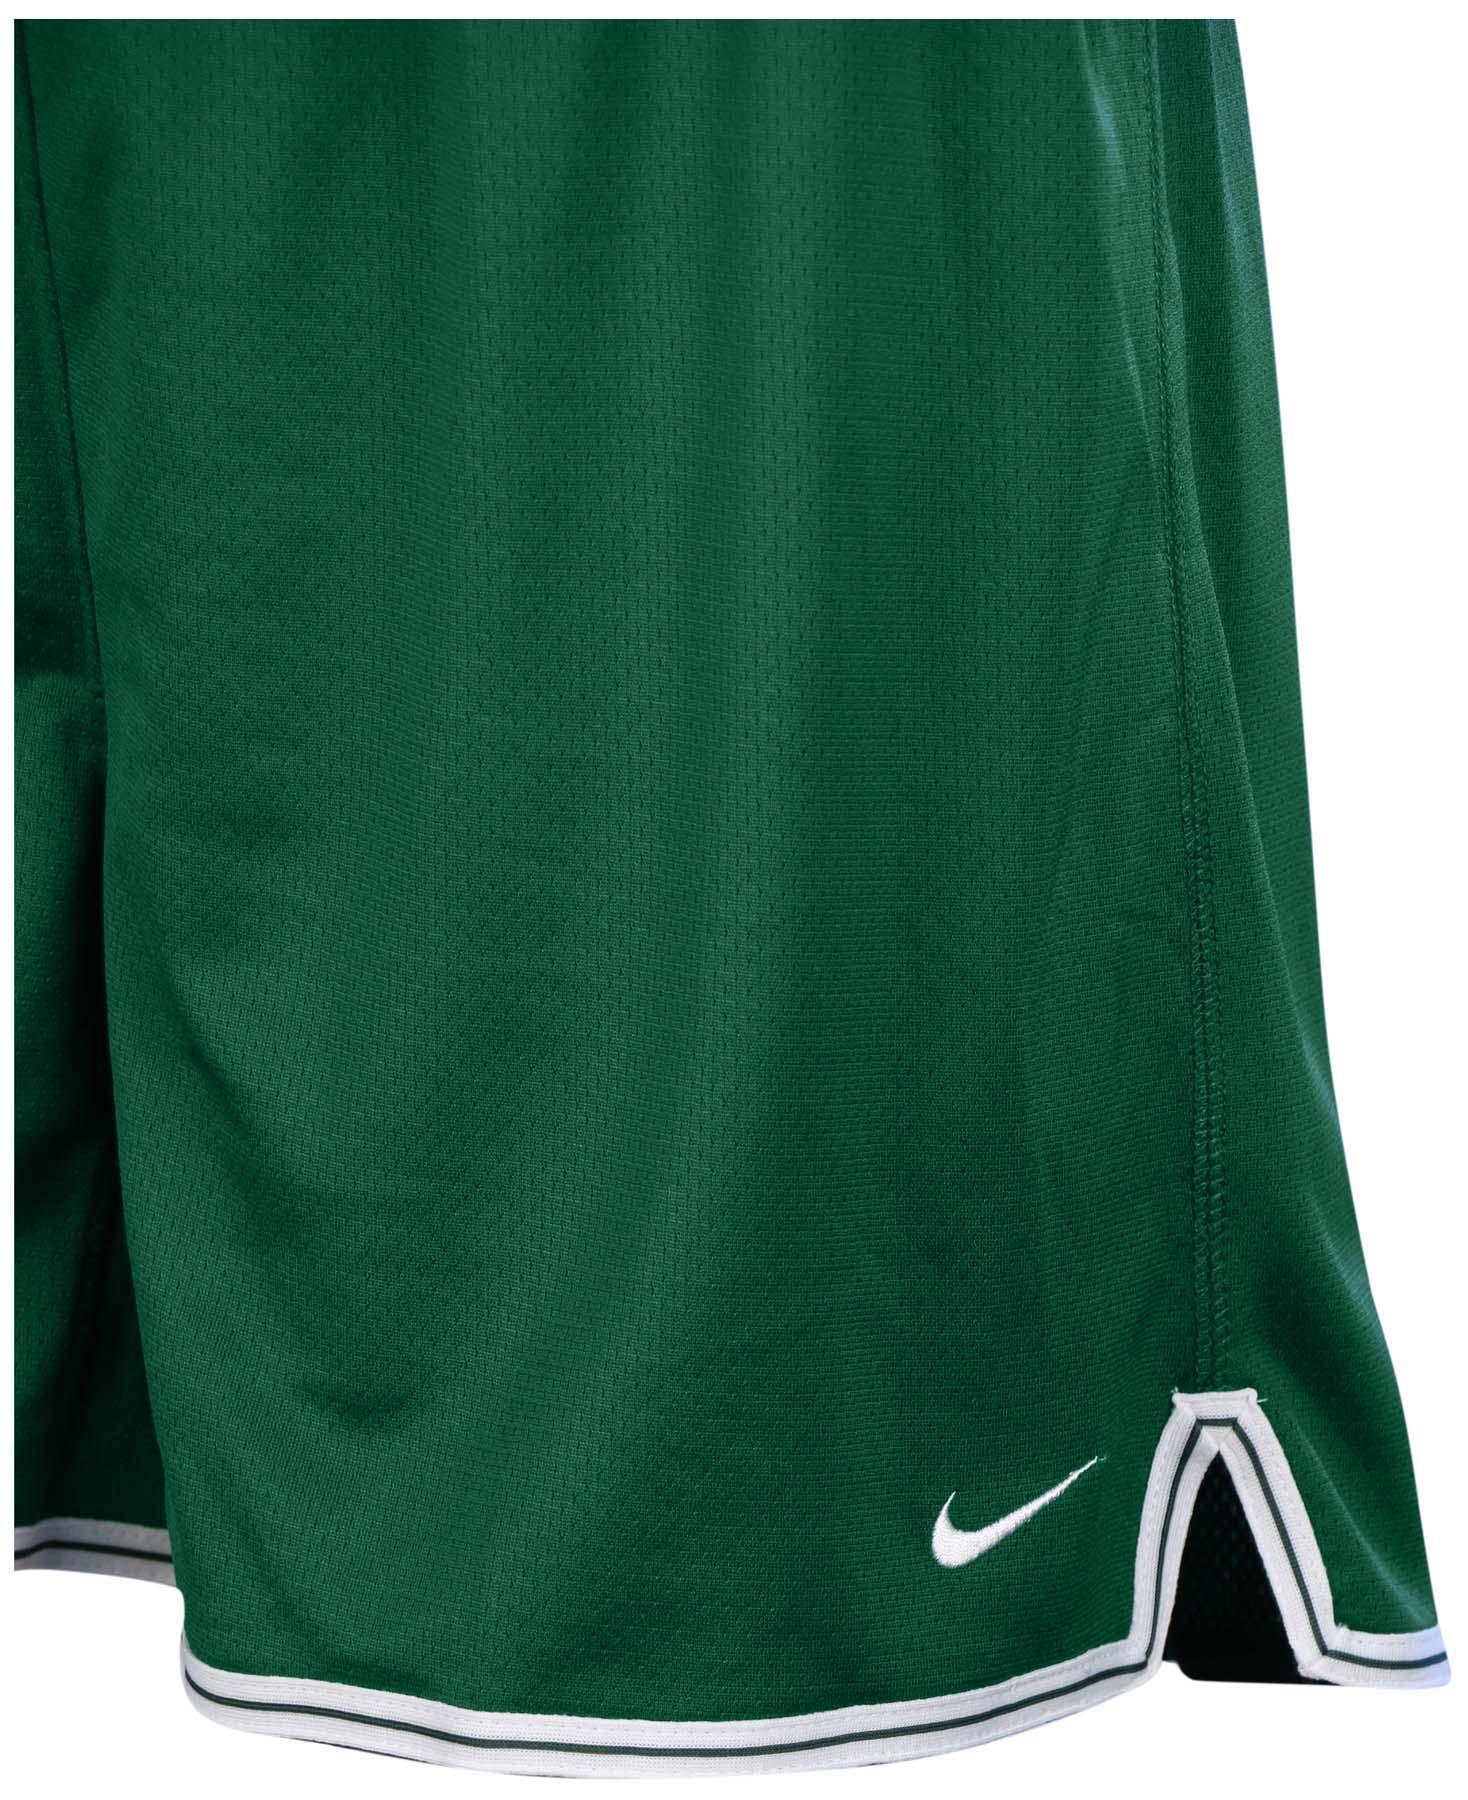 Nike Champ De Maille Dri-fit Short - Femmes lkb8D3